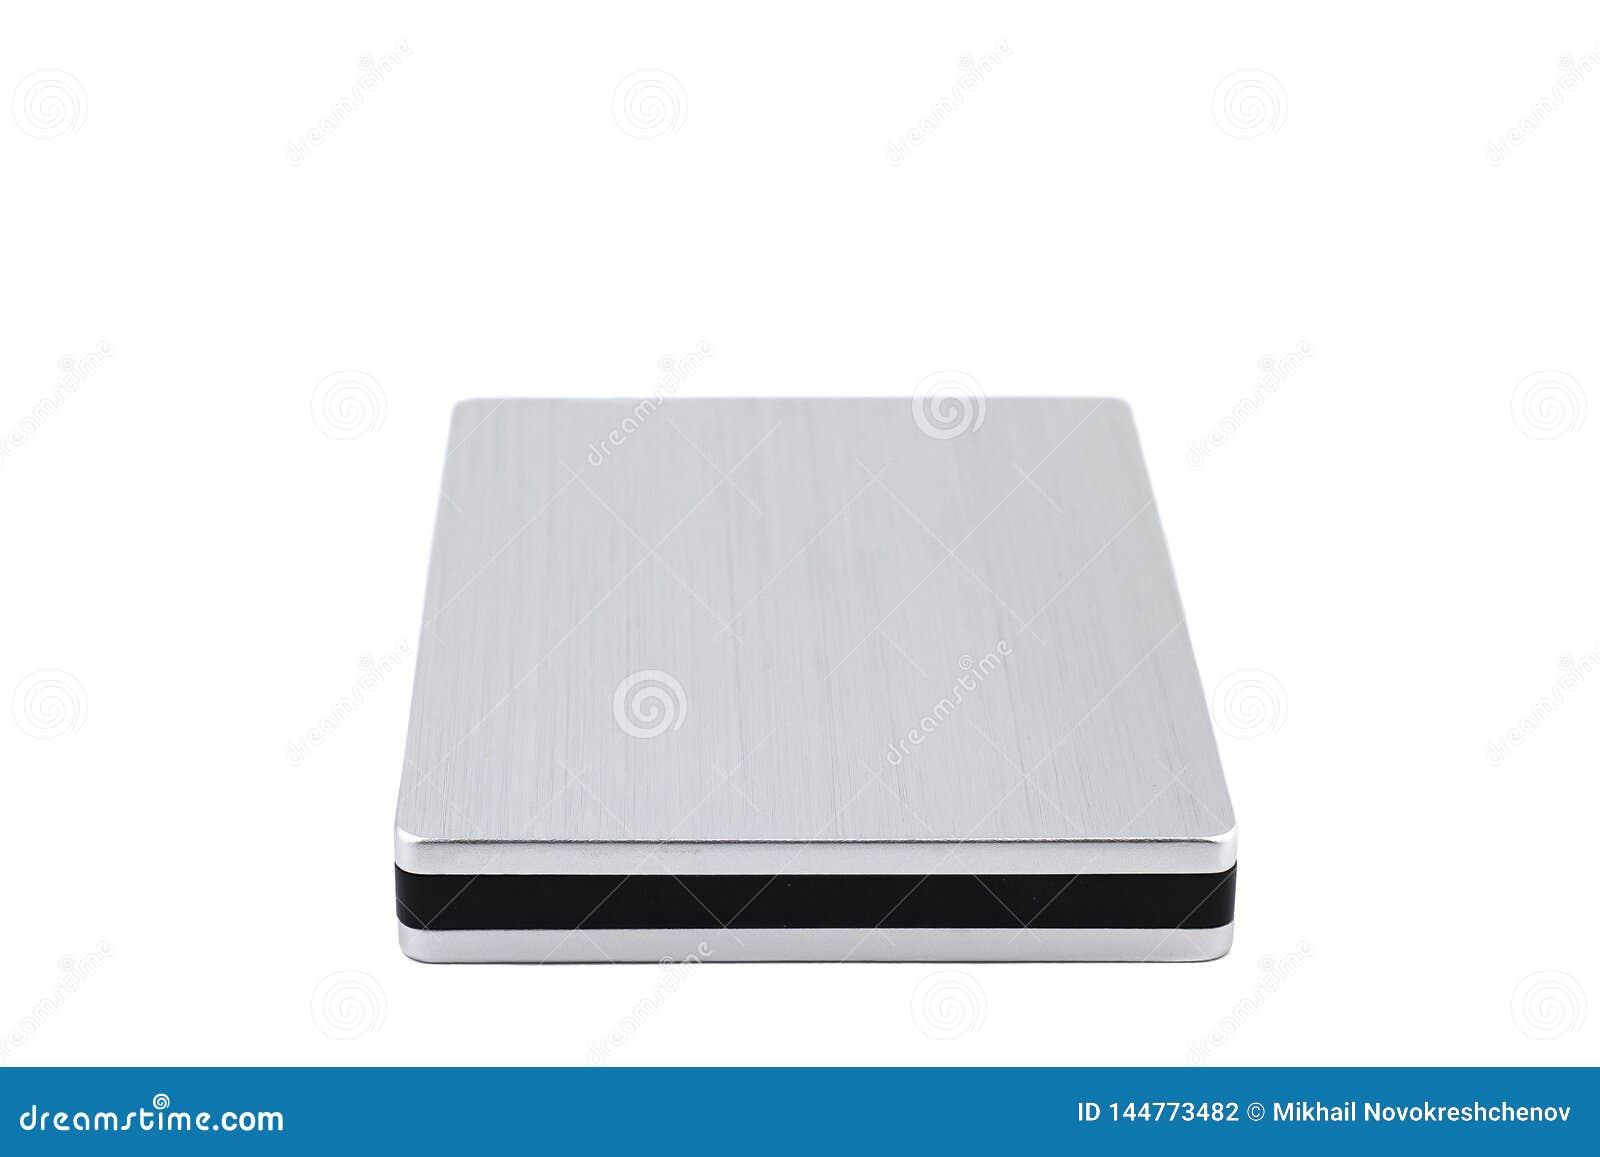 在白色背景隔绝的外置硬盘